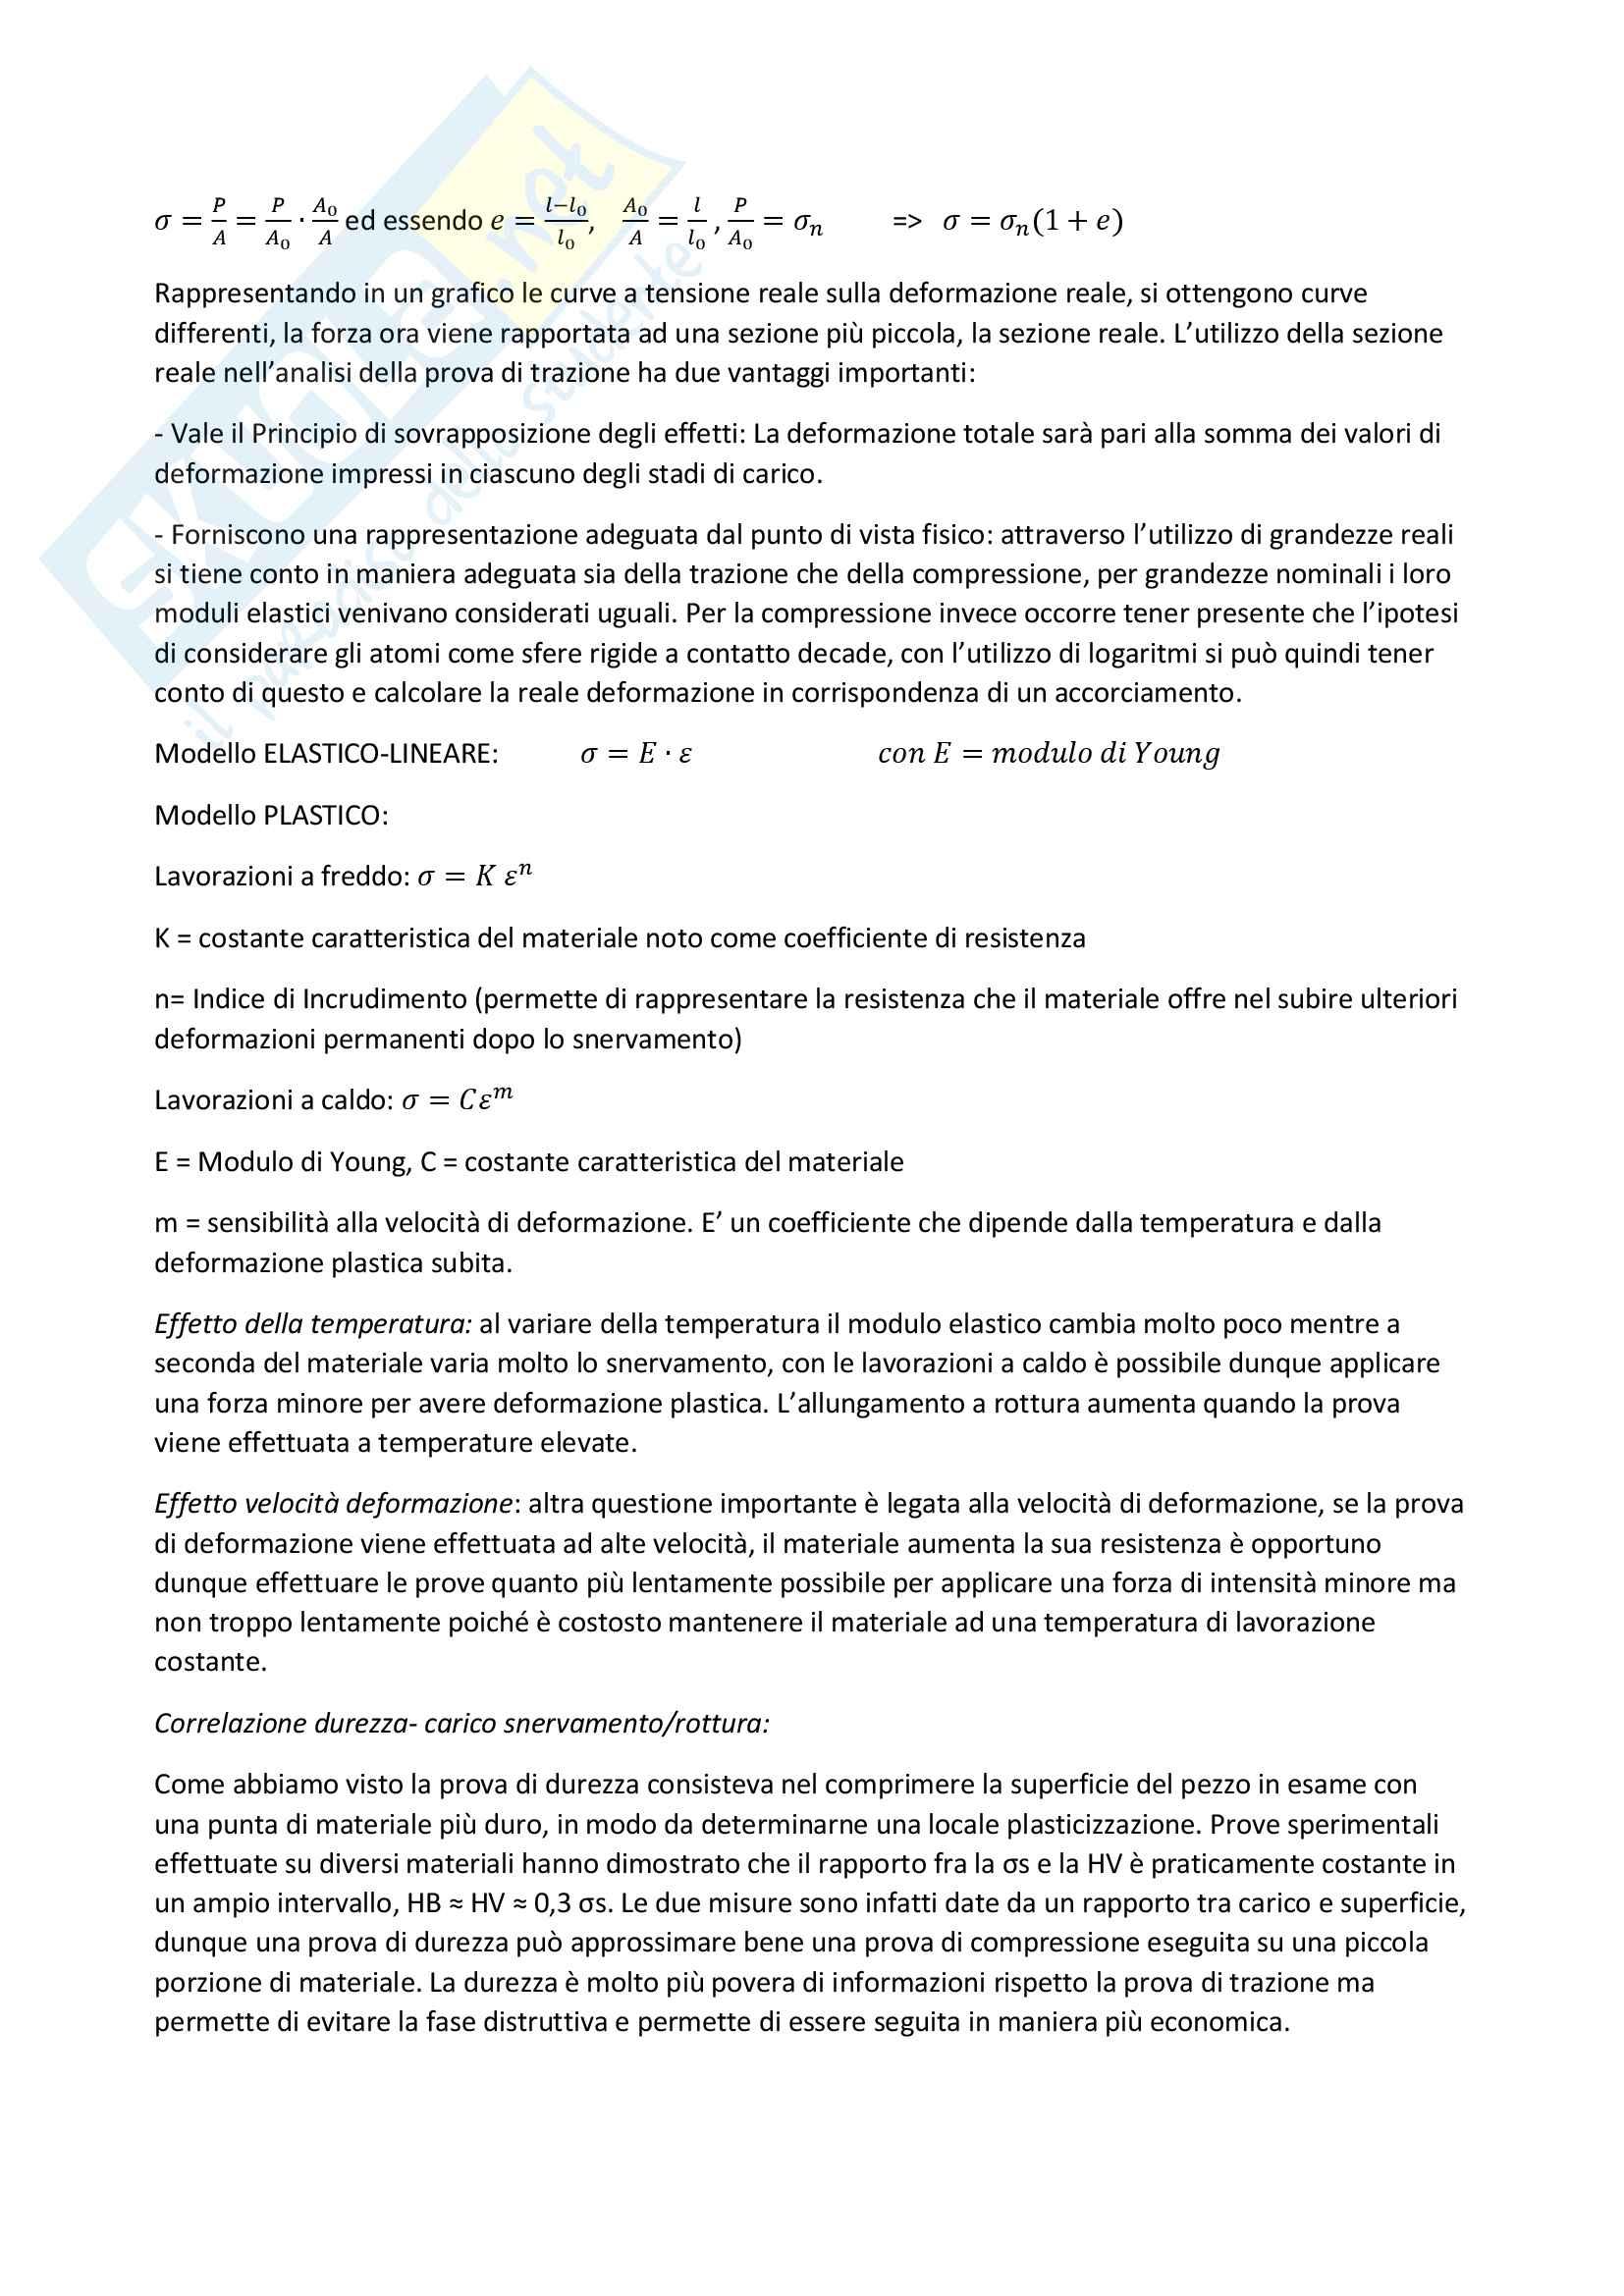 Sintesi tecnologia dei processi produttivi Pag. 11